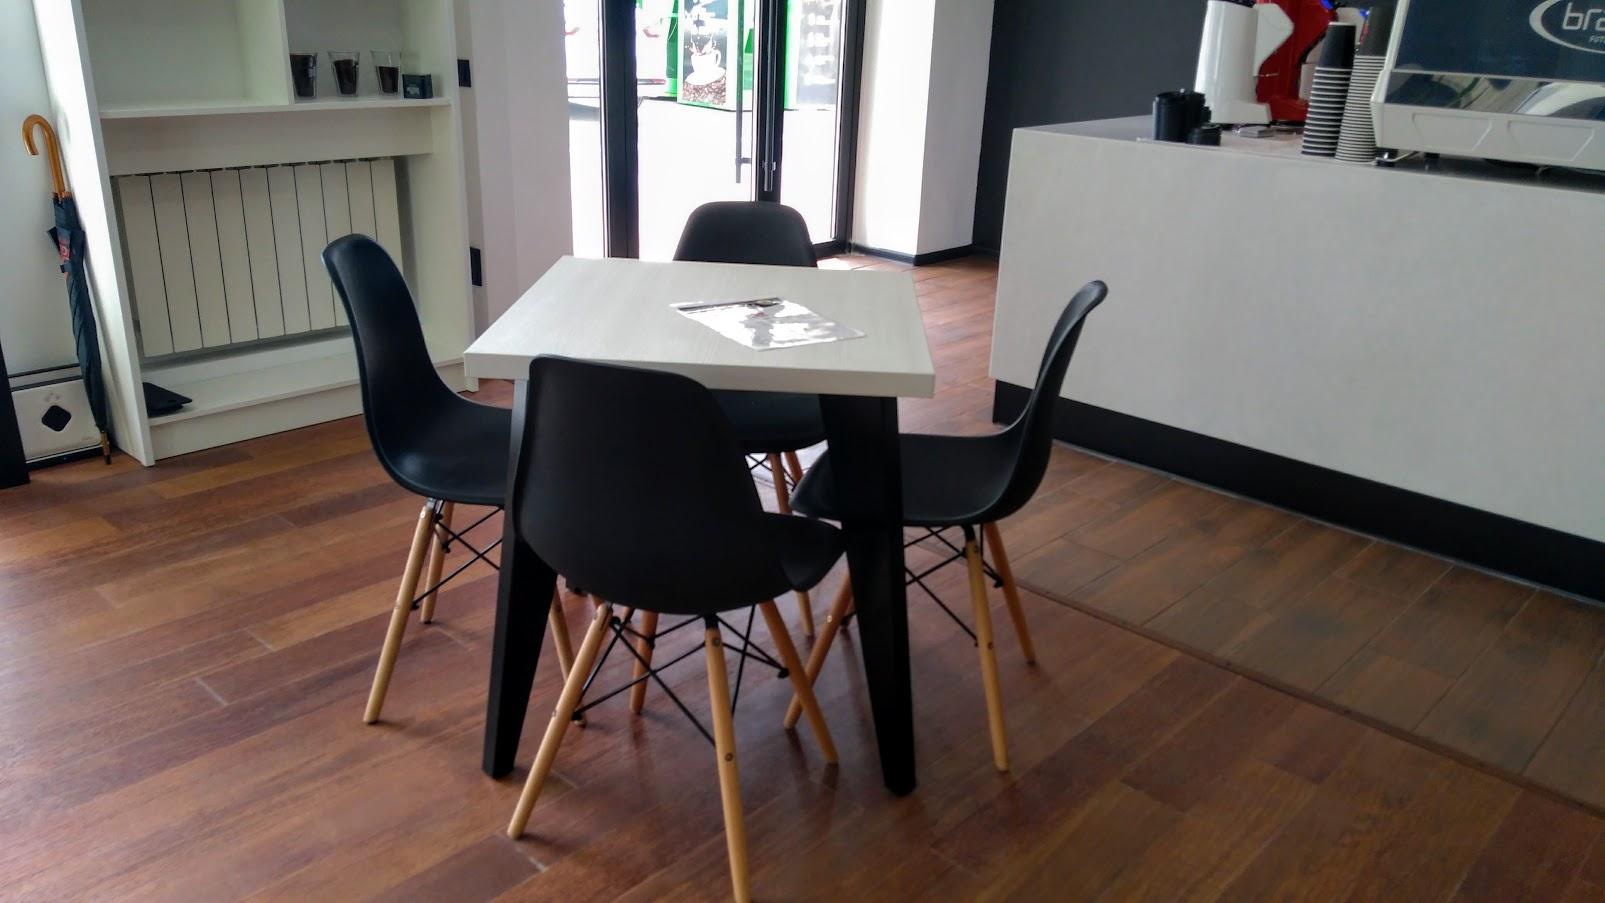 Обеденный стол - Модульная офисная мебель, Металлические каркасы столов, Мебельные опоры ✆ 0679245444